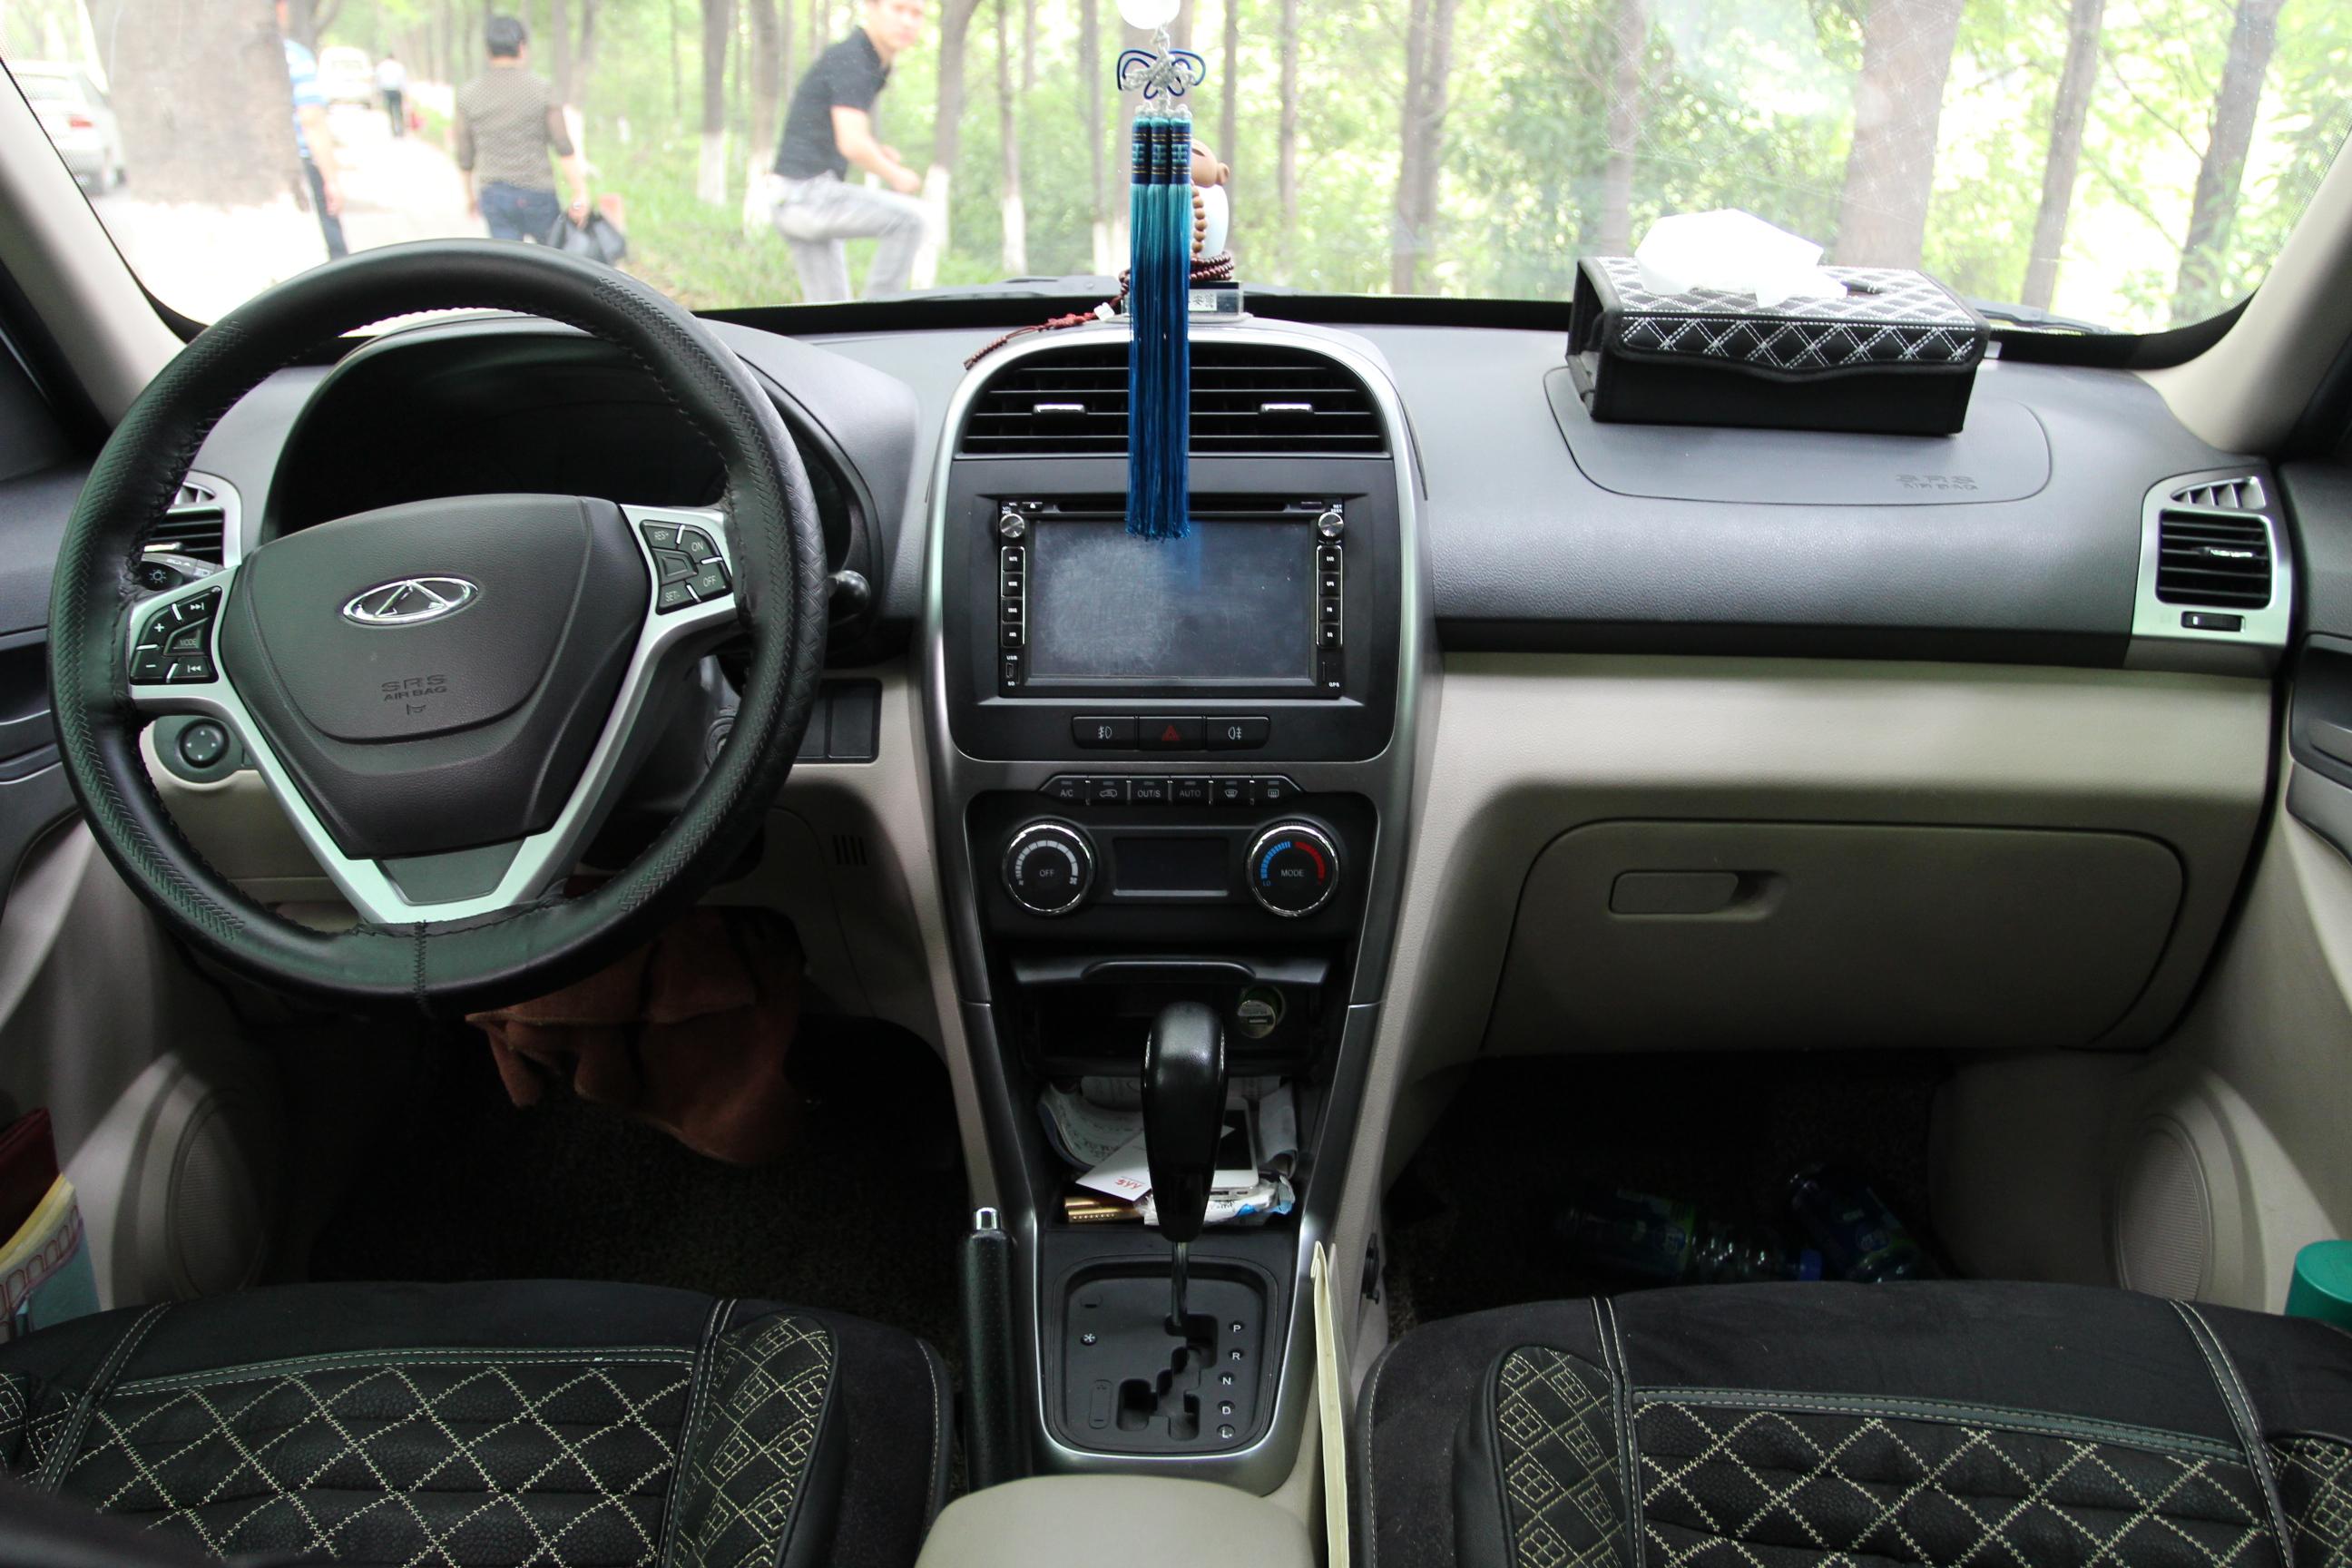 瑞虎3车仪表盘指示灯图解